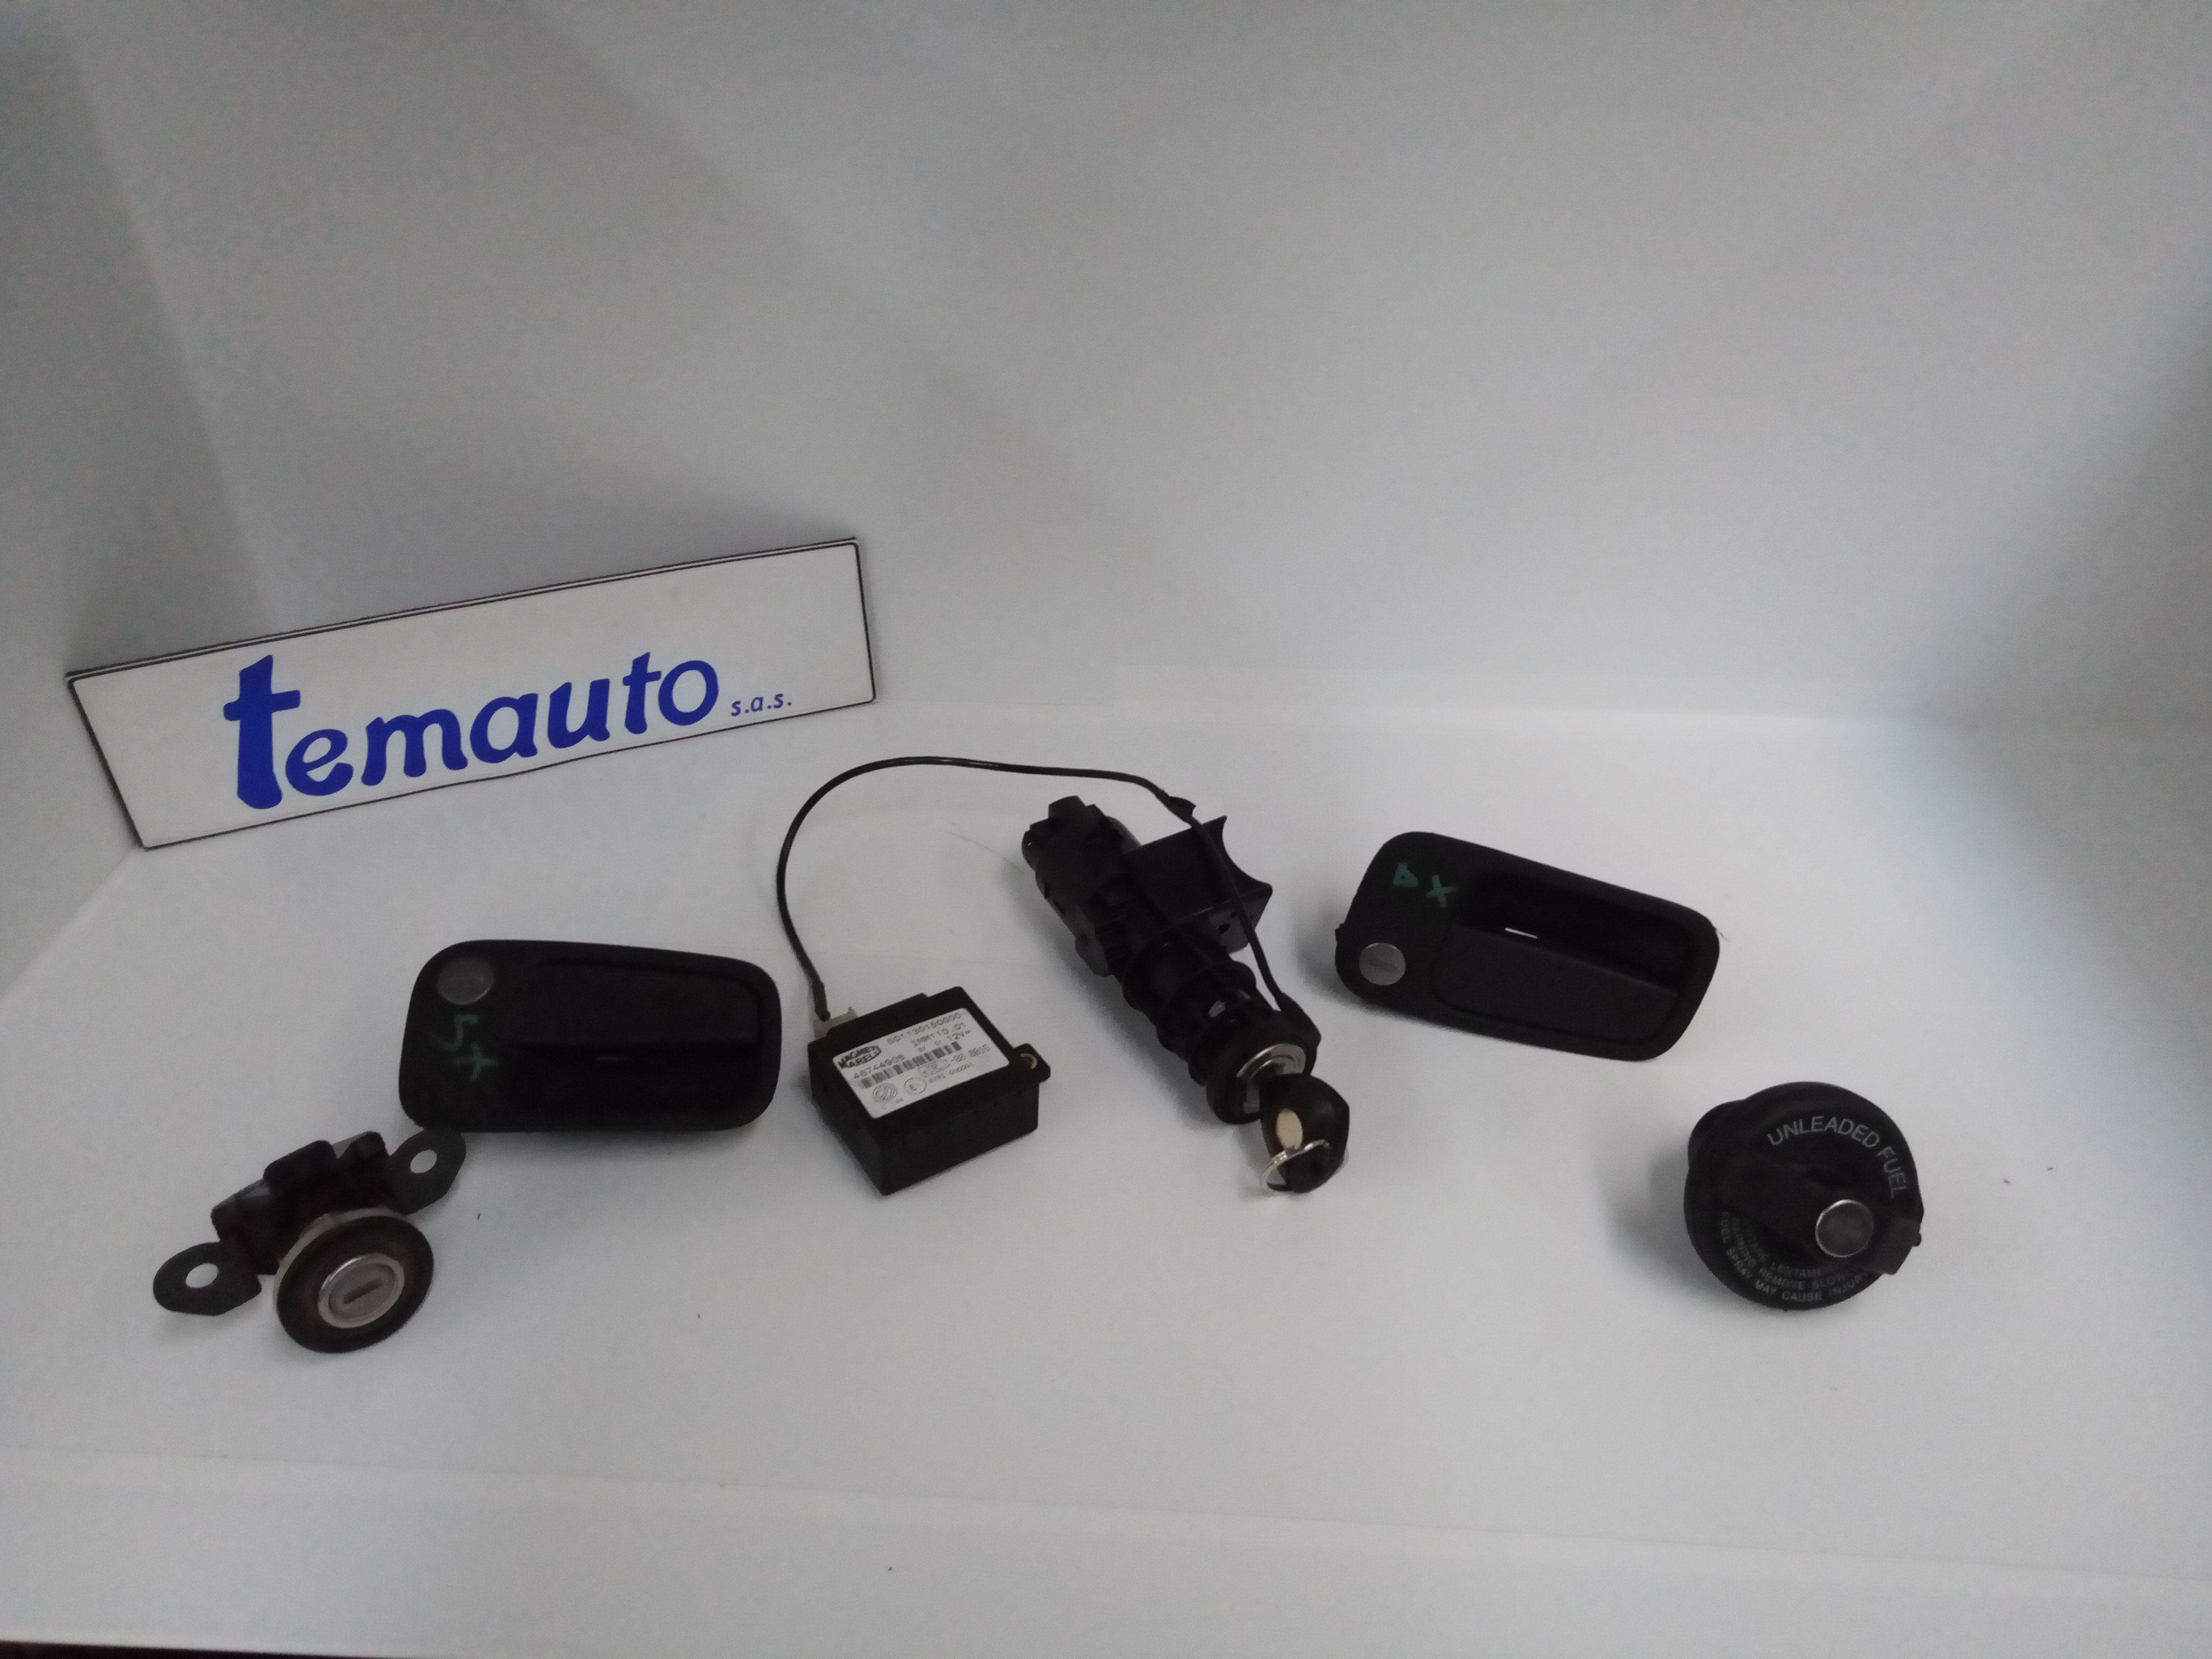 CON CHIAVE - NOTTOLINO PORTA INCLUSO NOTTOLINO PORTELLONE TAPPO CARBURANTE BLOCCHETTO ACCENSIONE LANCIA Y Serie 1200 Benzina    (2001) RICAMBI USATI